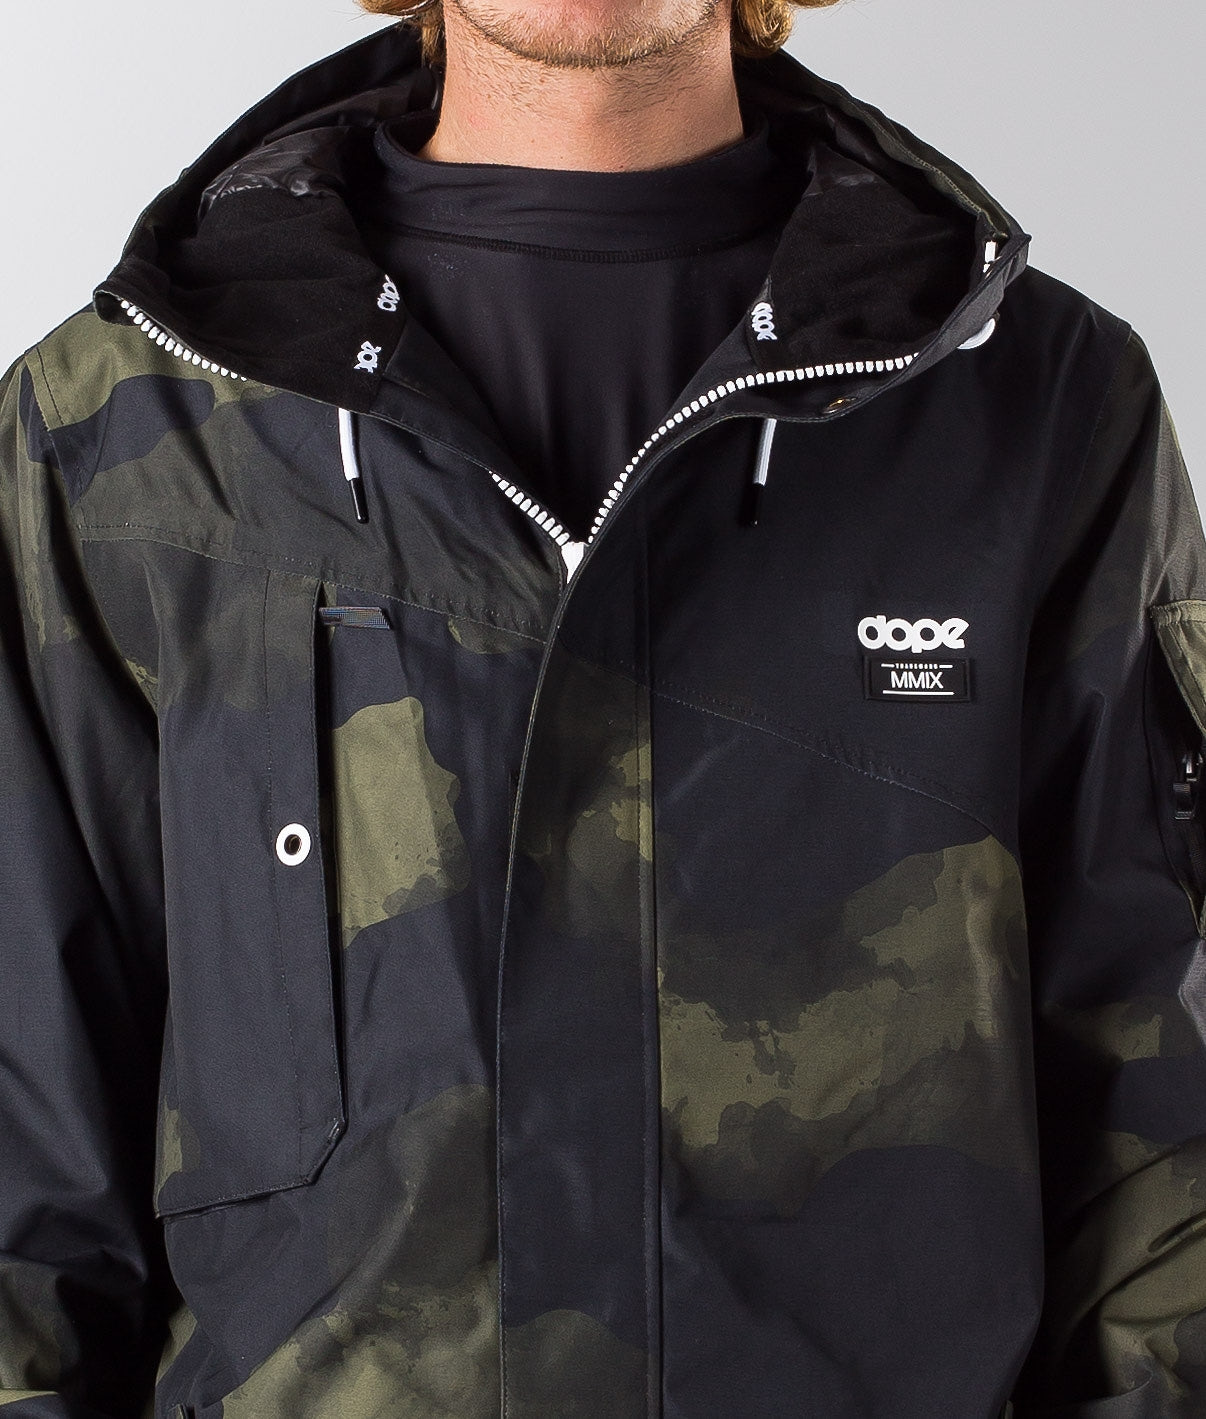 Köp Adept 18 Snowboardjacka från Dope på Ridestore.se Hos oss har du alltid fri frakt, fri retur och 30 dagar öppet köp!